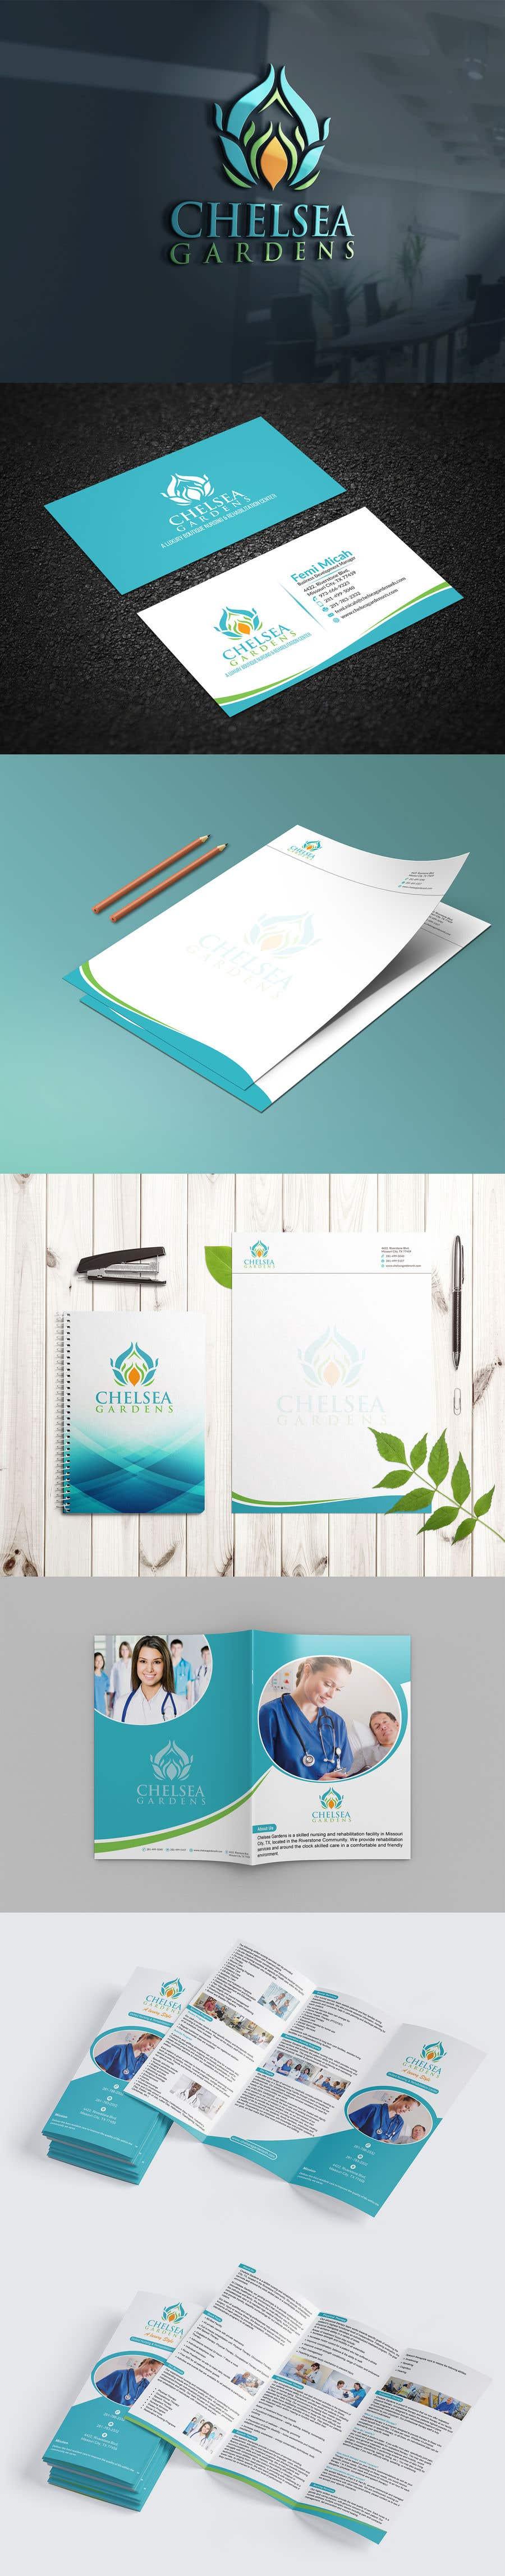 Penyertaan Peraduan #                                        165                                      untuk                                         I need a logo design for my company